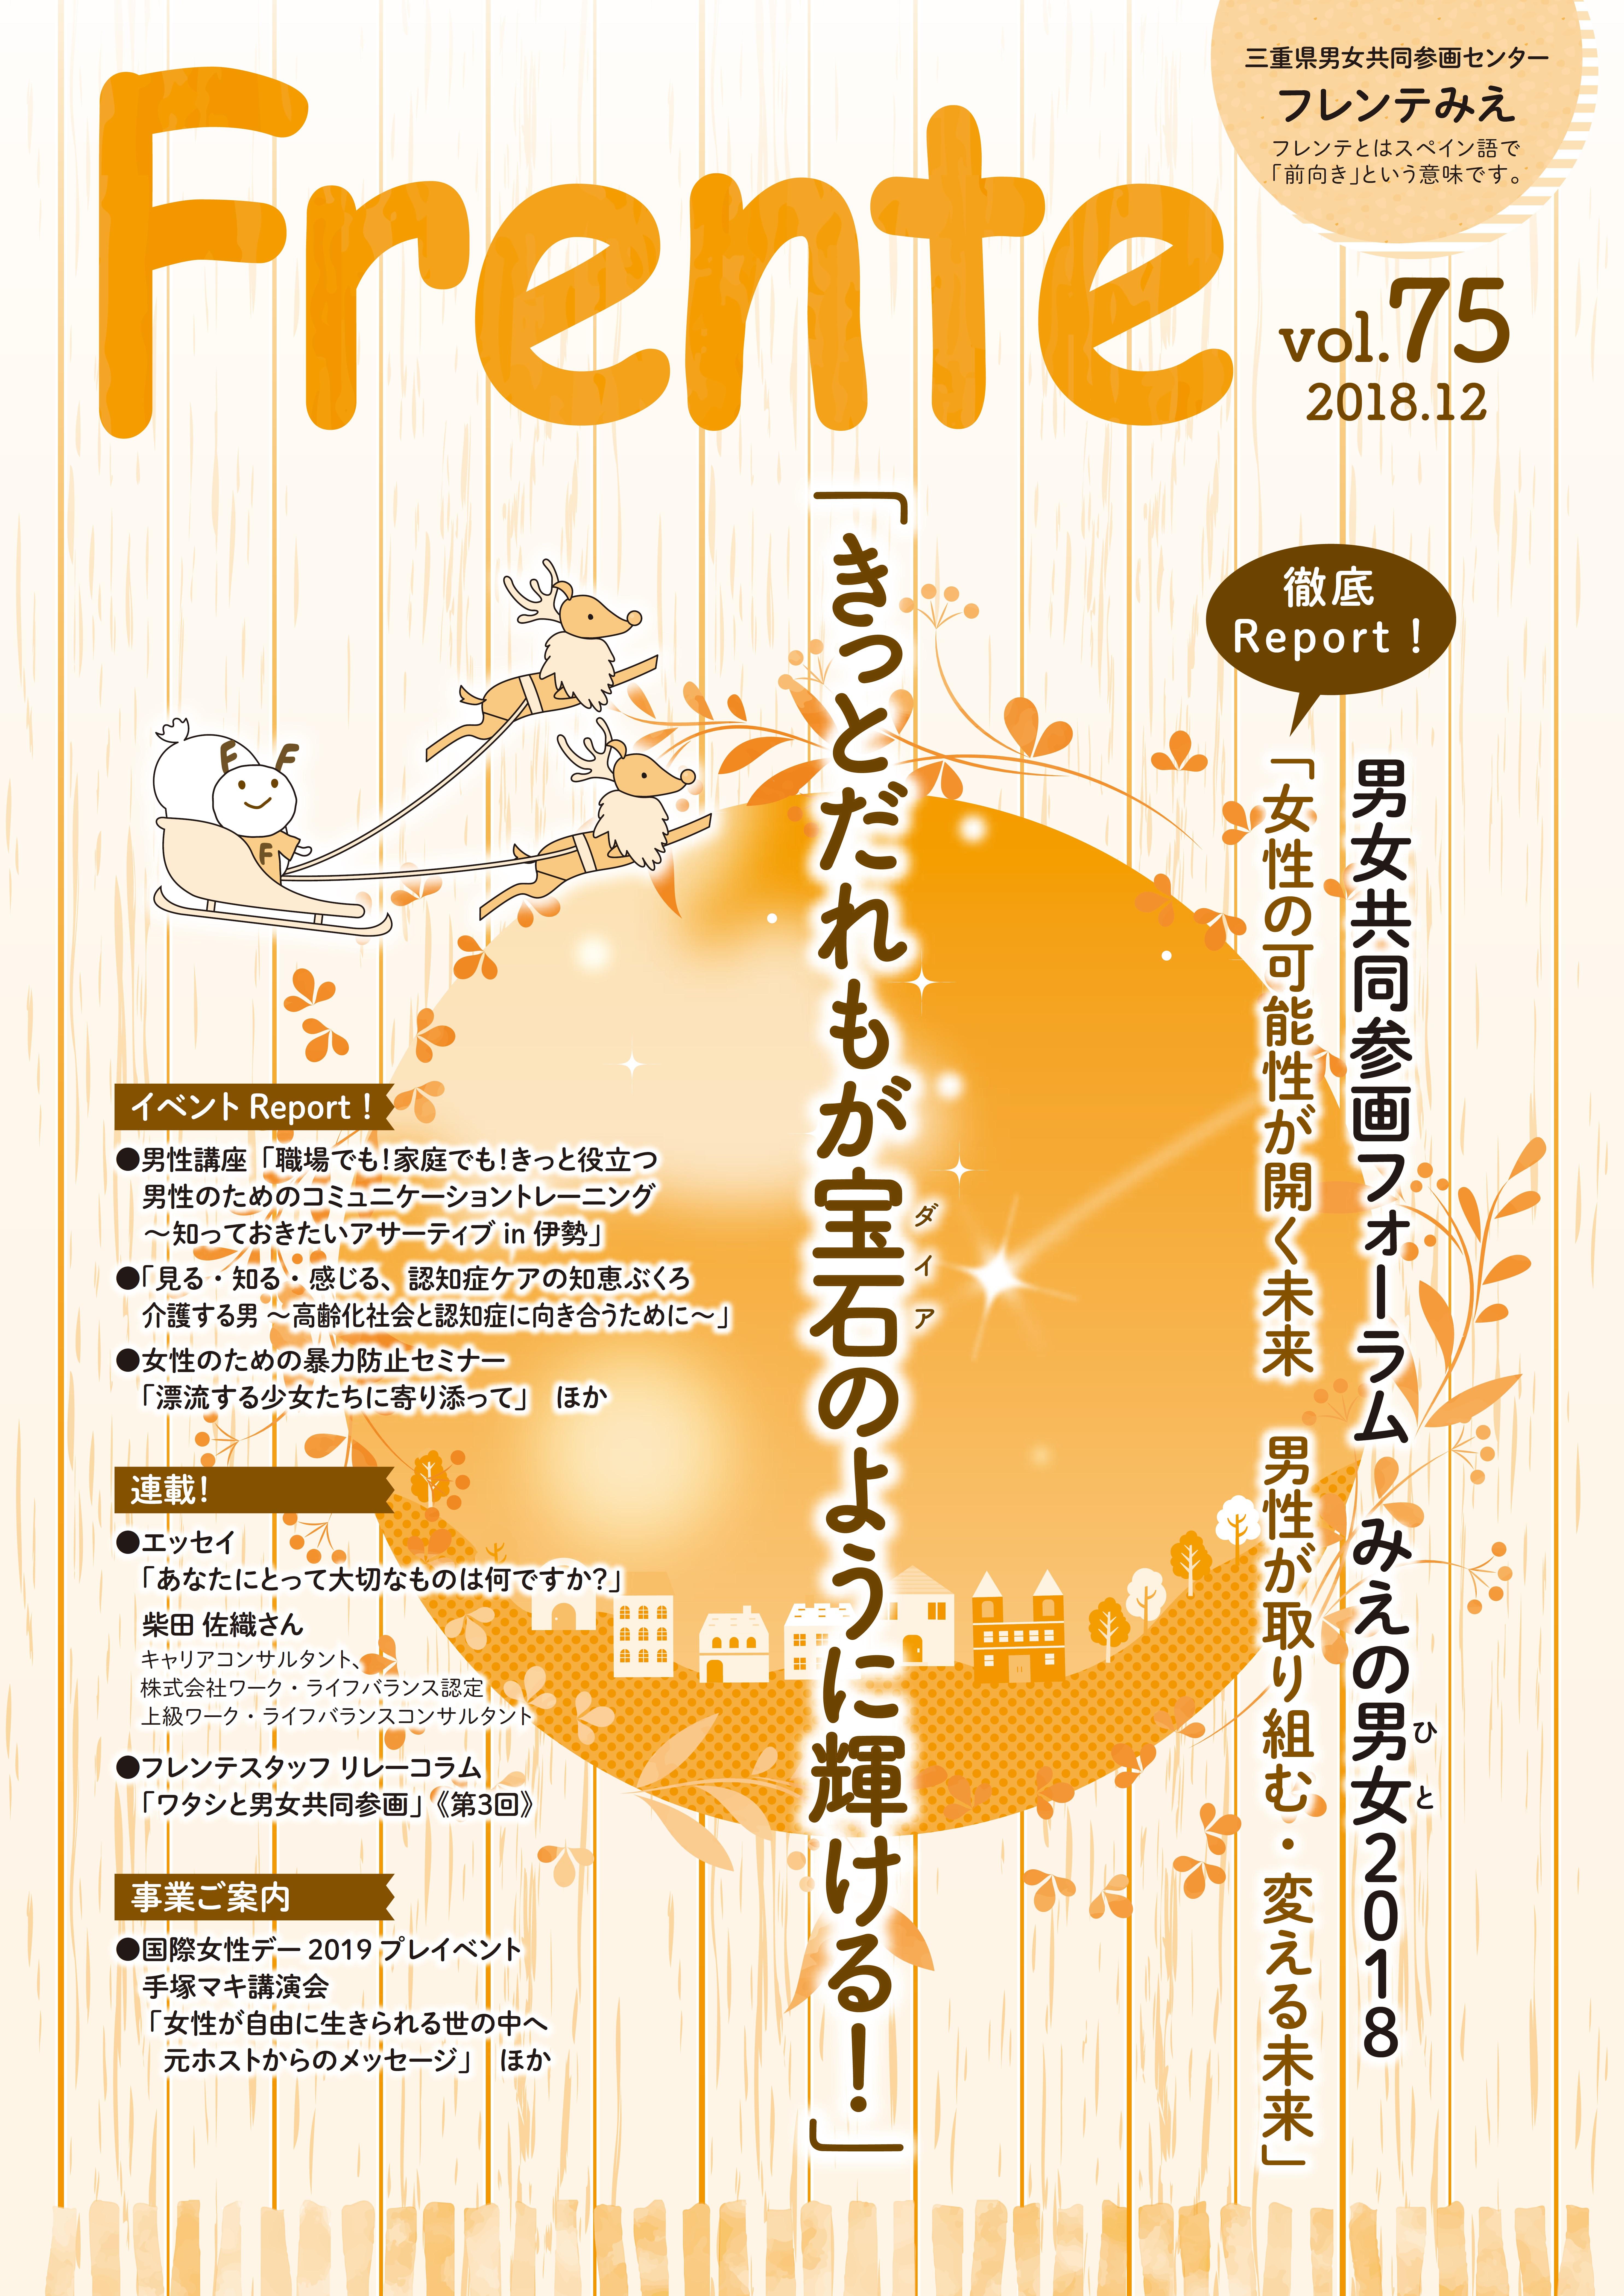 情報誌「Frente」vol.75